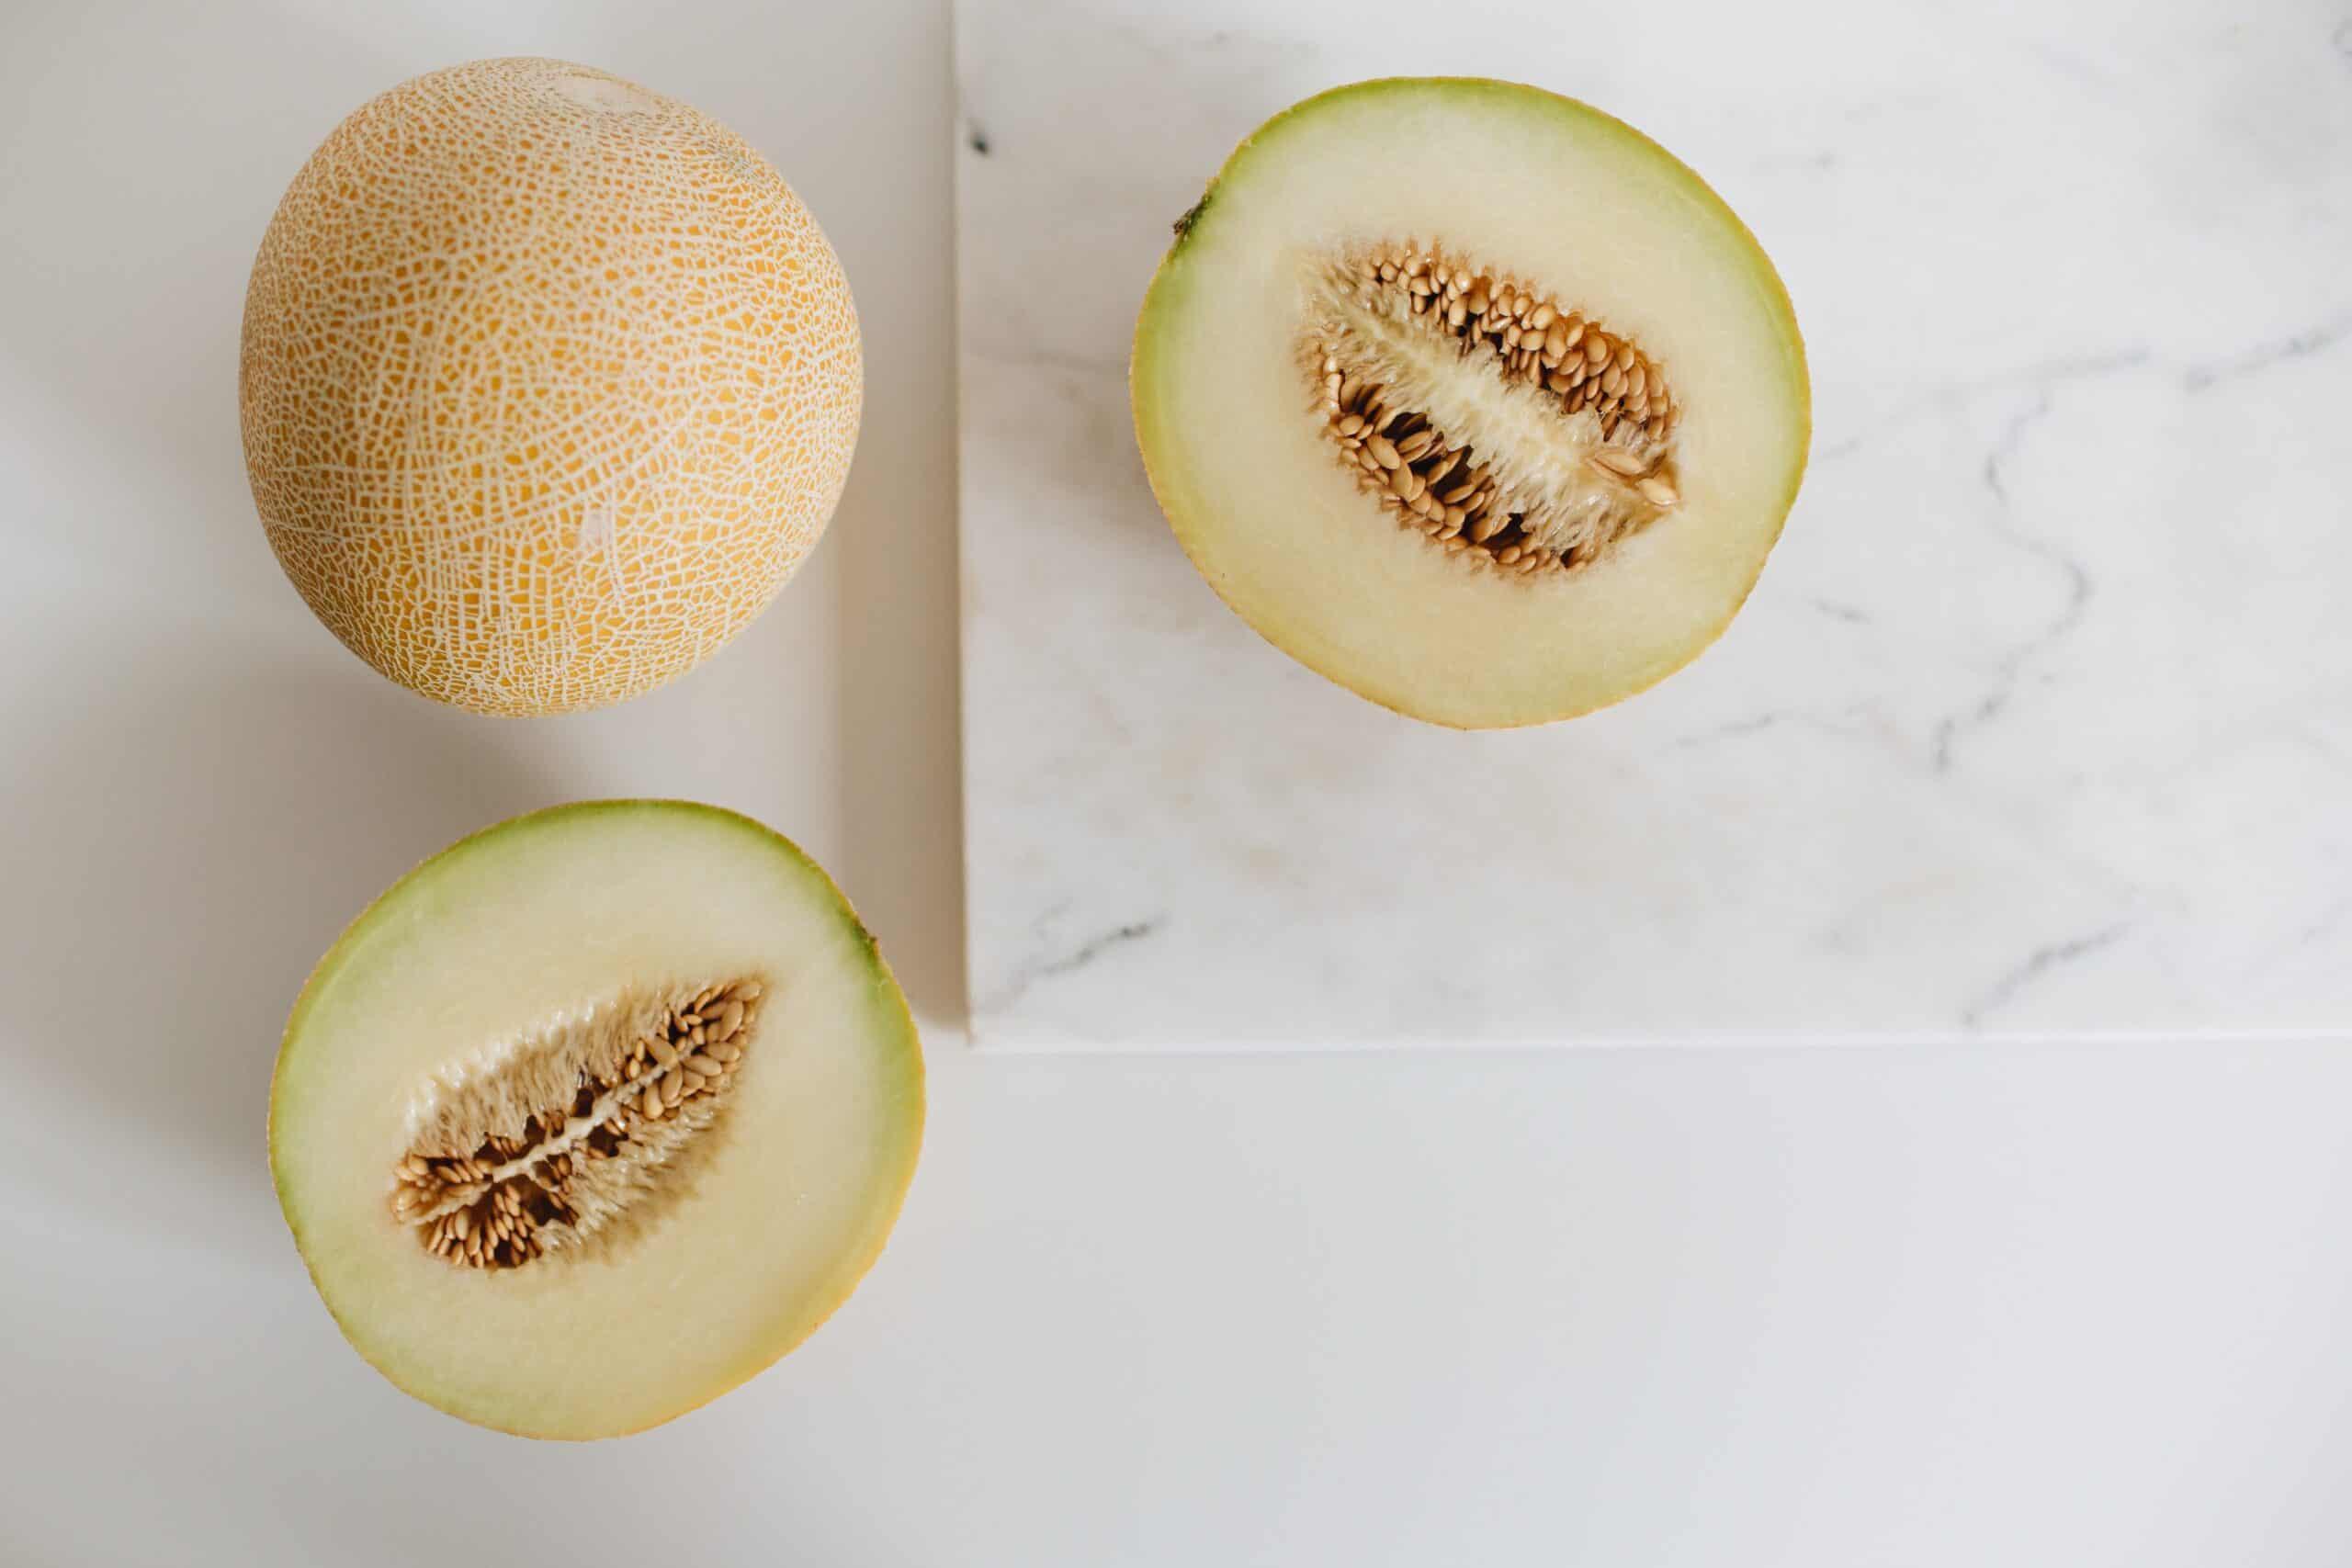 為什麼日本的瓜那麼貴